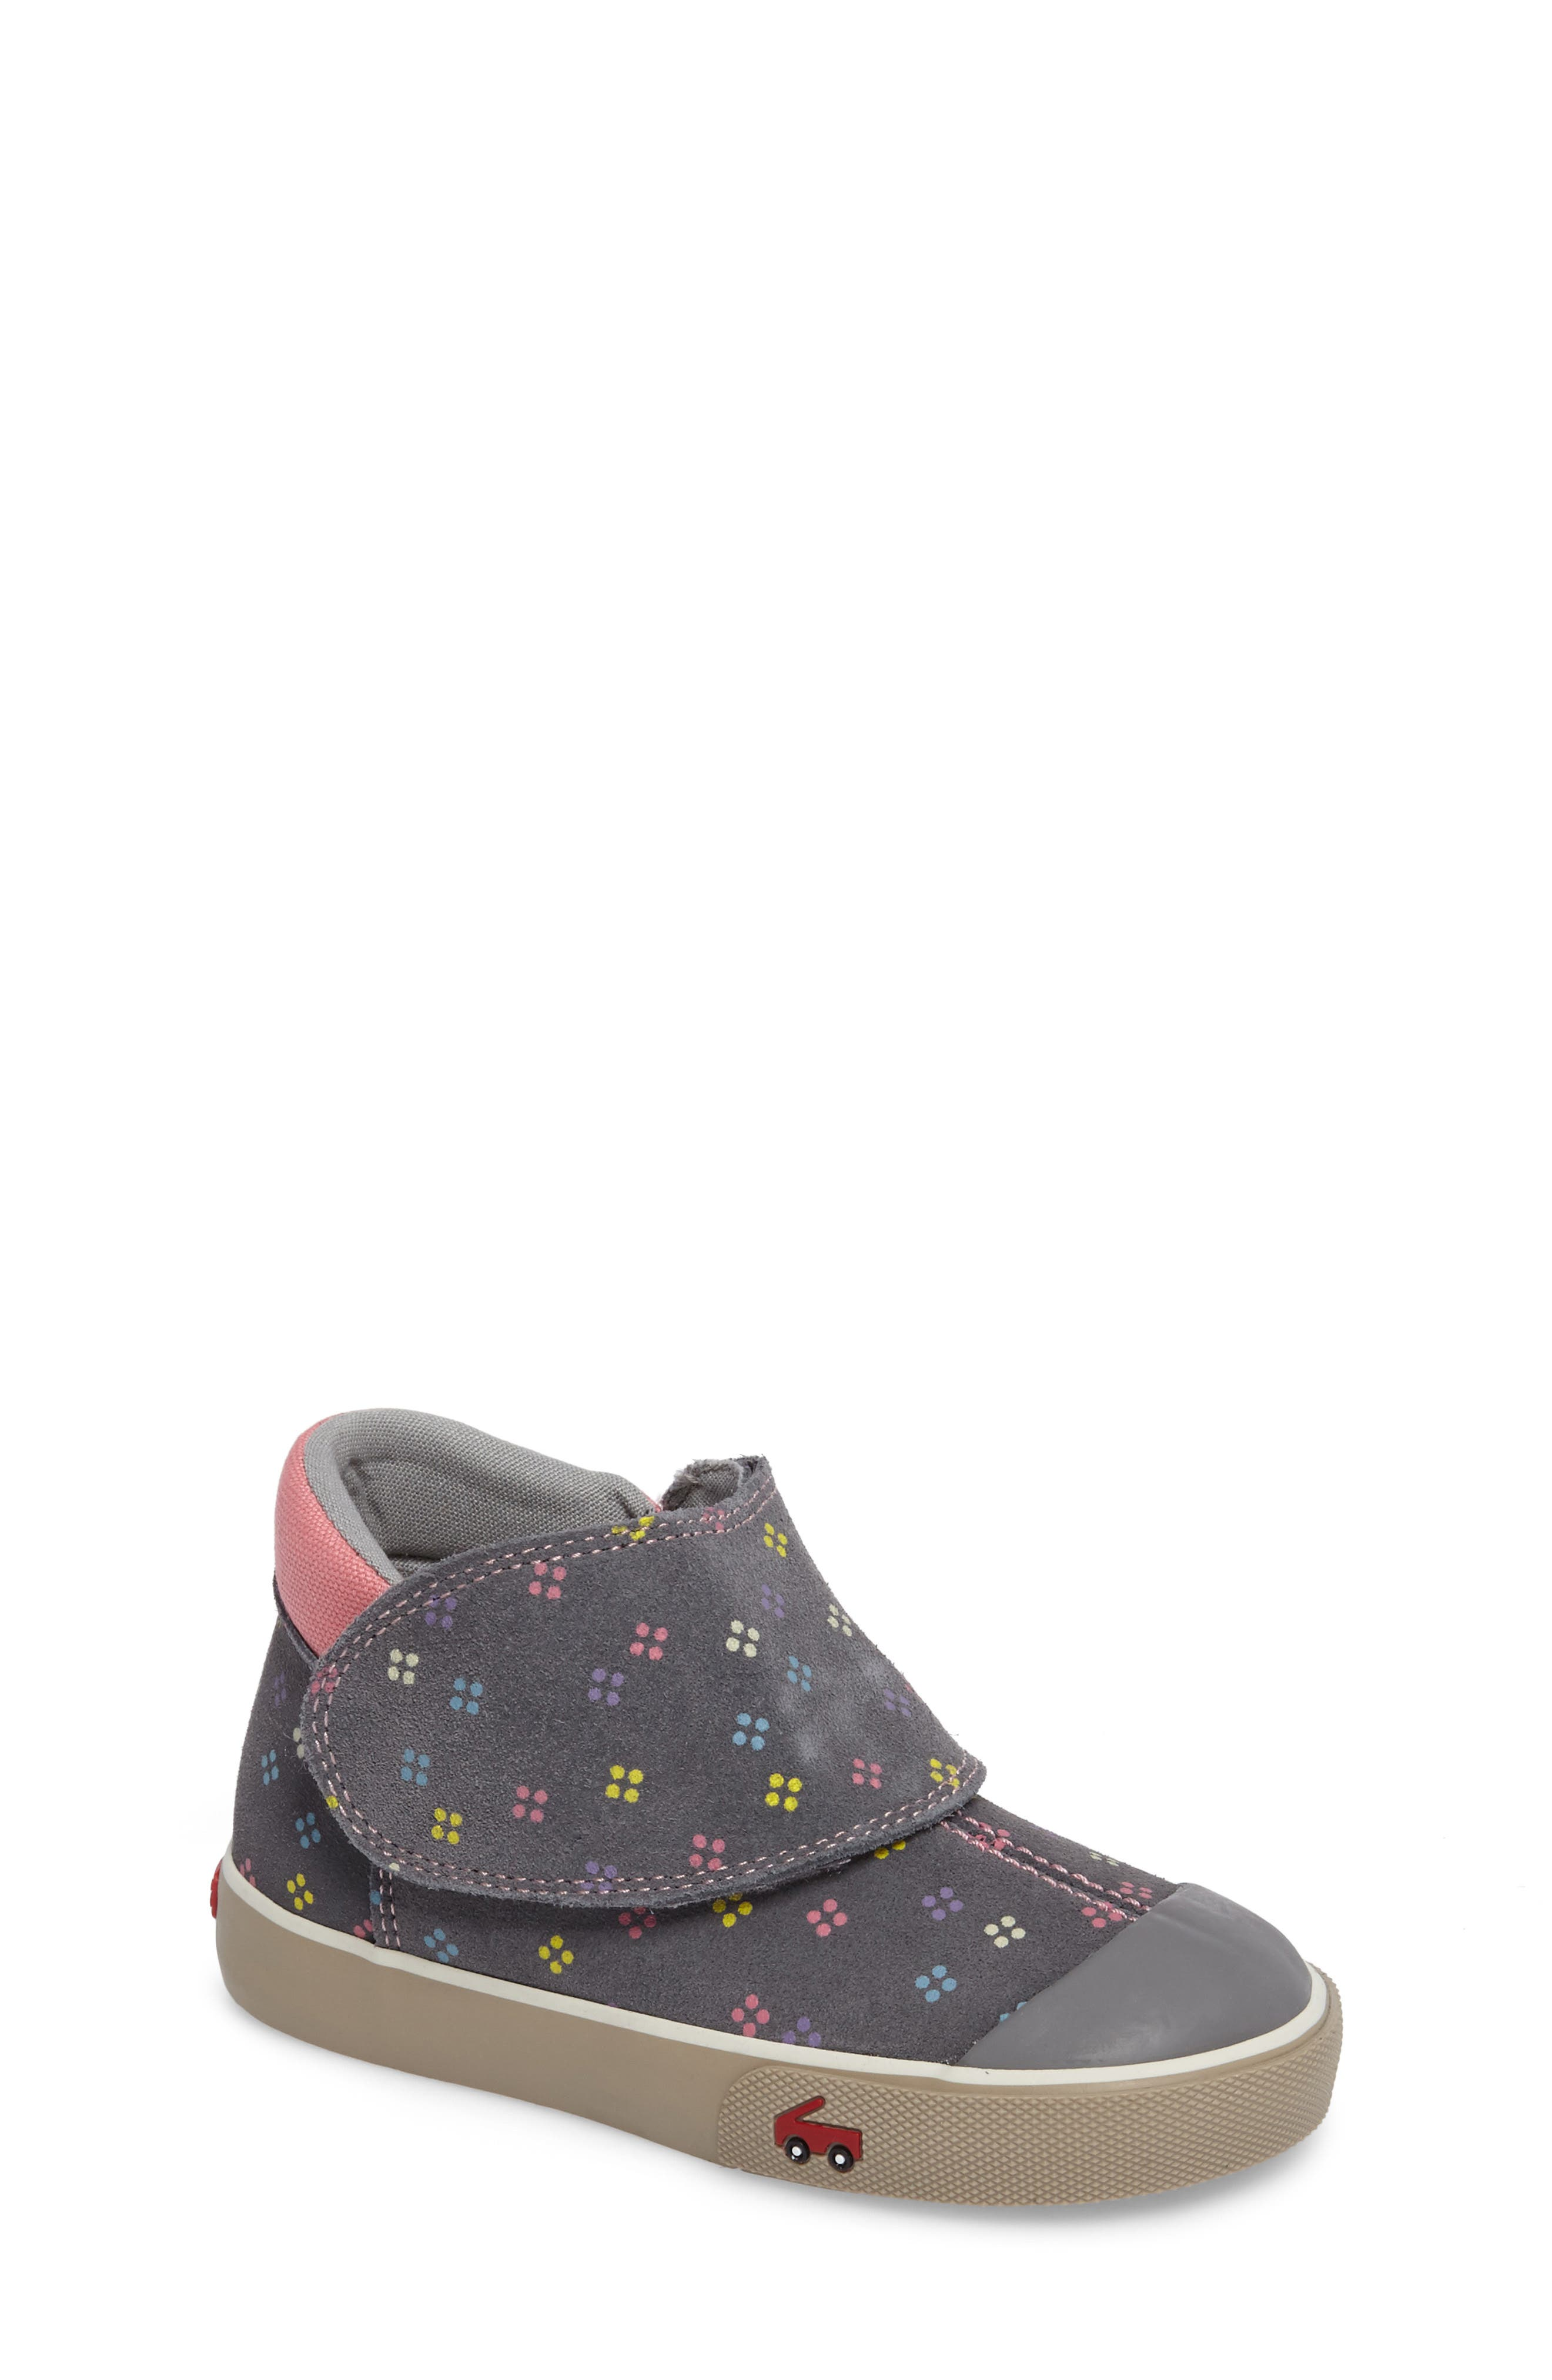 Main Image - See Kai Run Monroe Boot (Baby, Walker & Toddler)